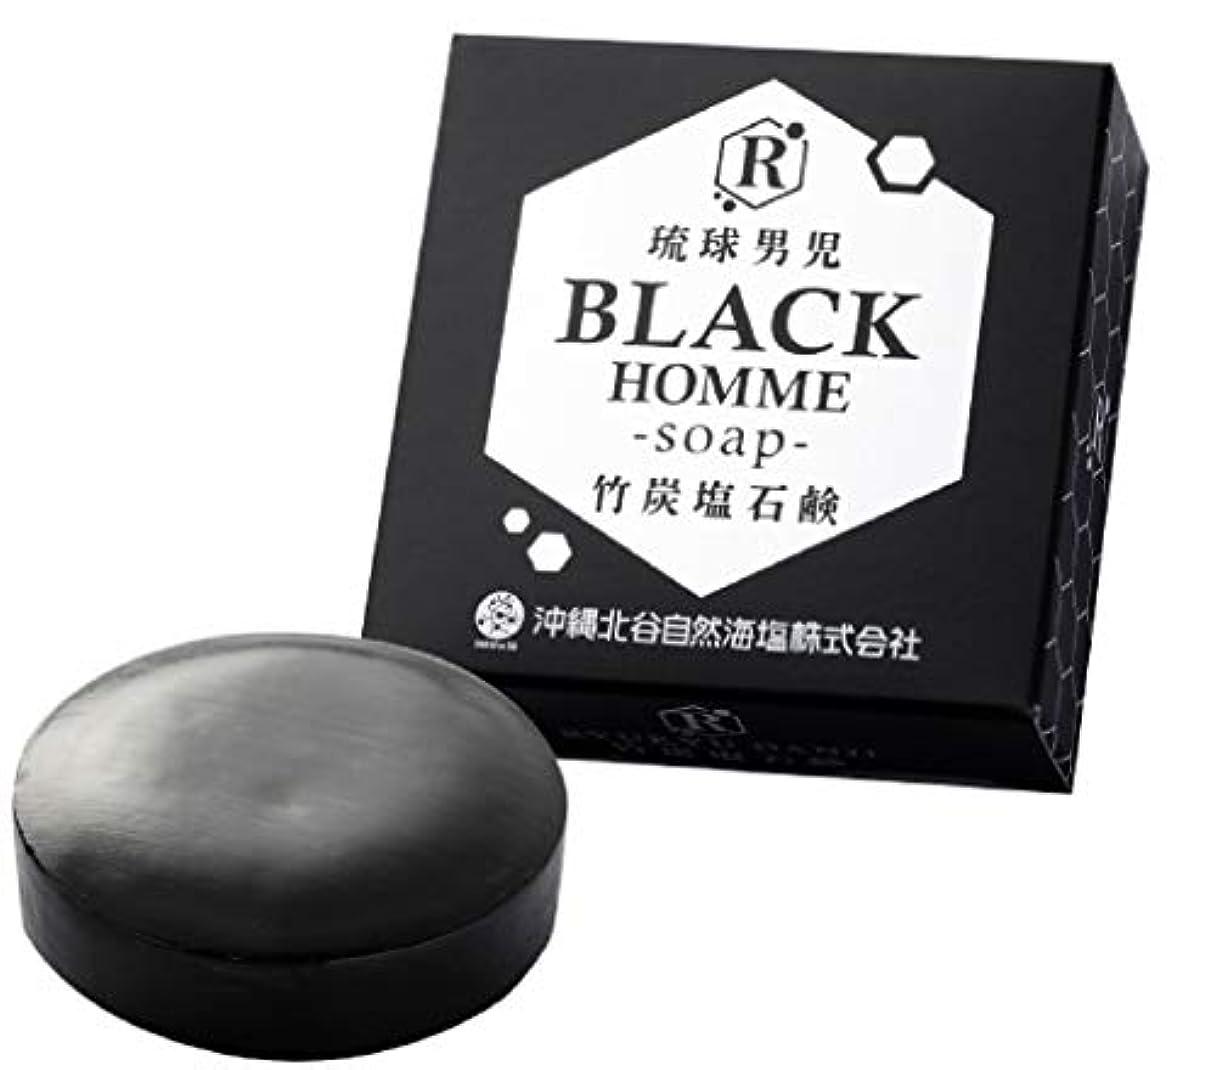 複製するポイント猫背【4個セット】琉球男児 竹炭塩石鹸 BLACK HOMME-soap- 60g 泡立てネット付き